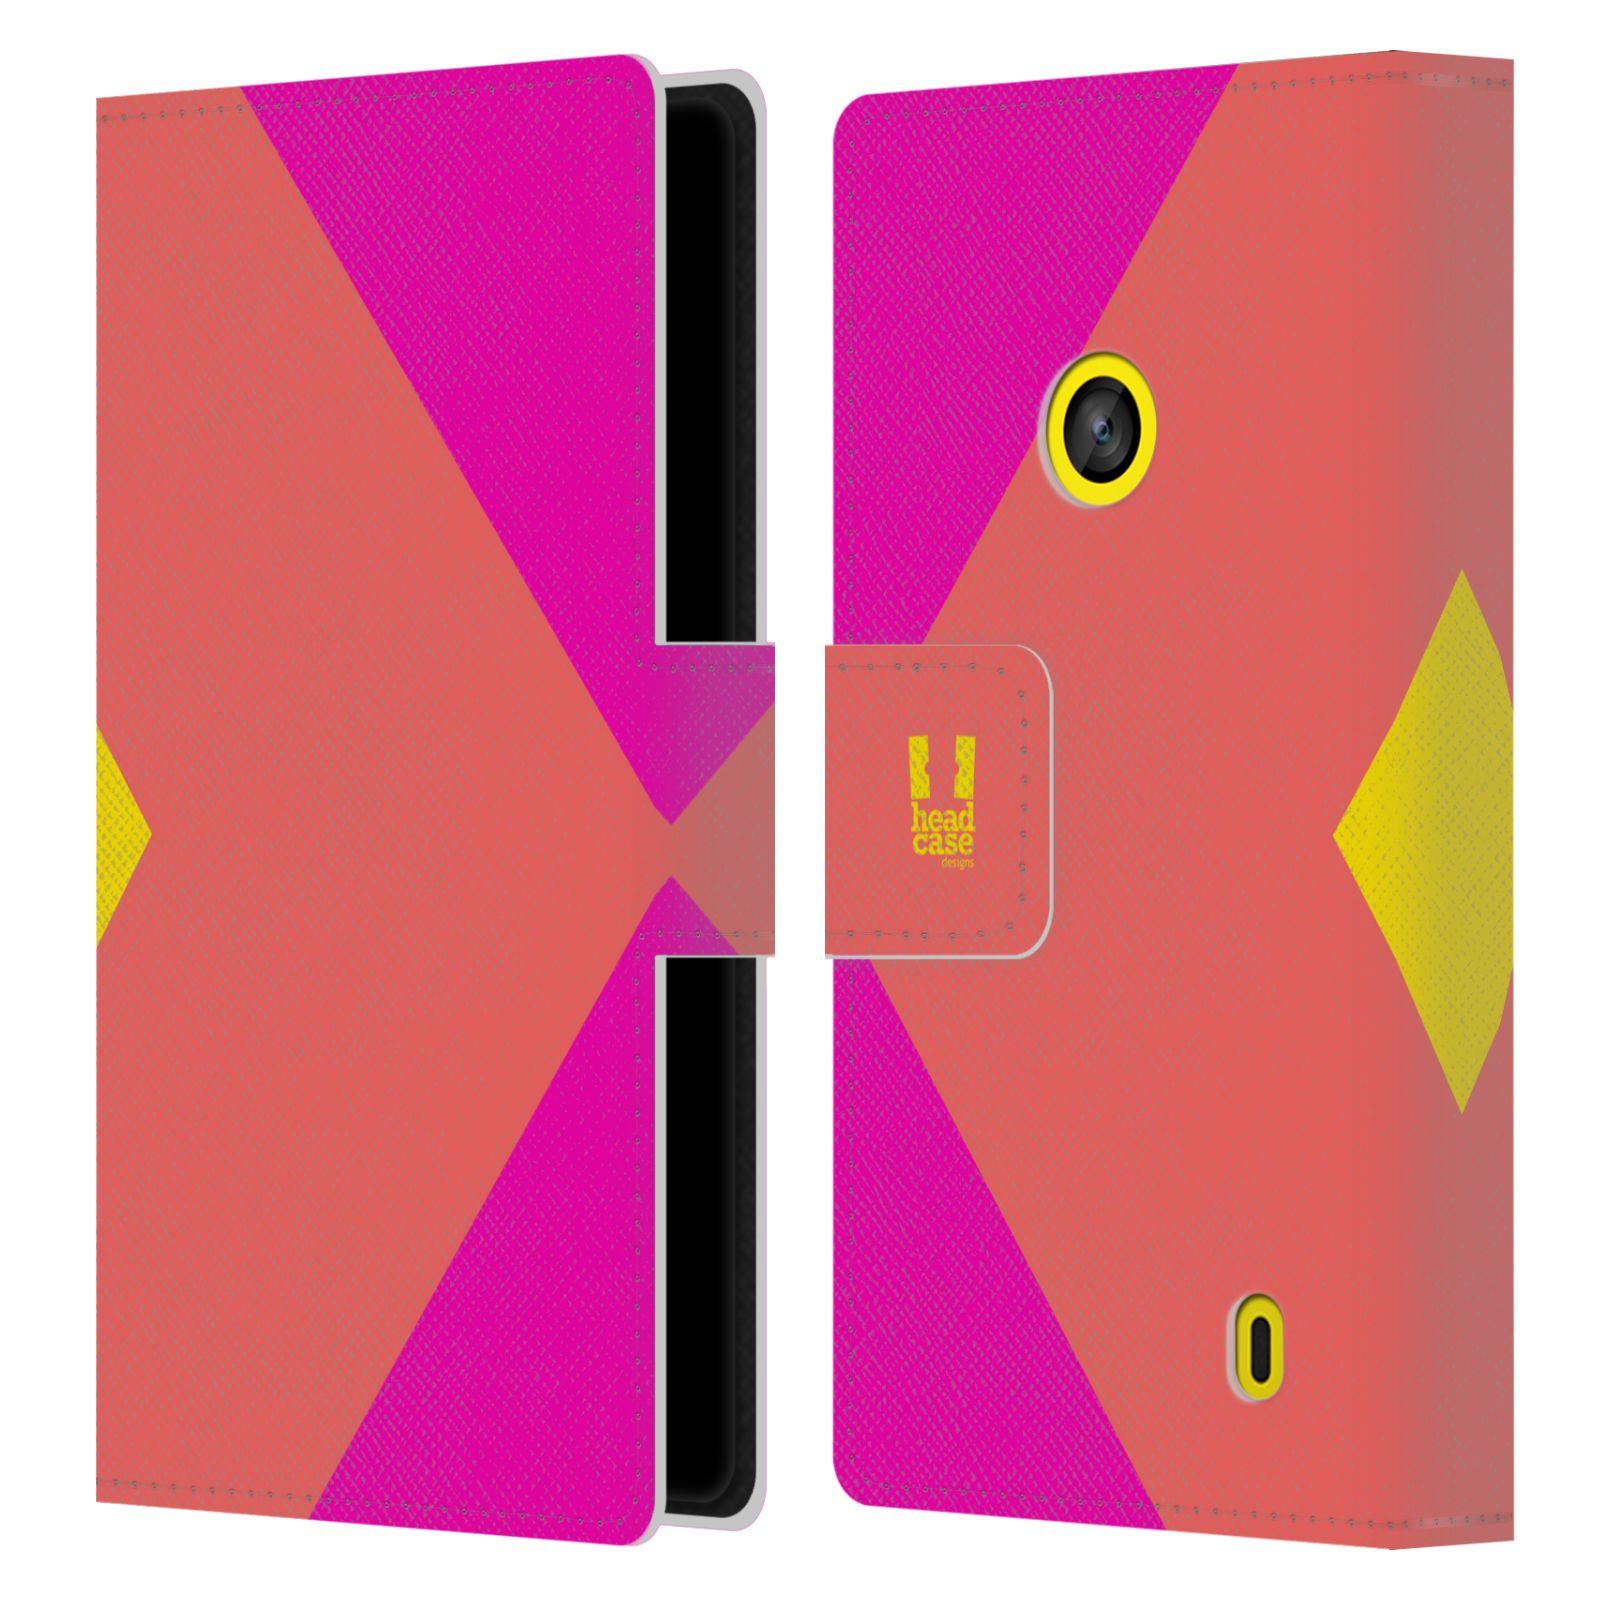 HEAD CASE Flipové pouzdro pro mobil Nokia LUMIA 520/525 barevné tvary růžová korál